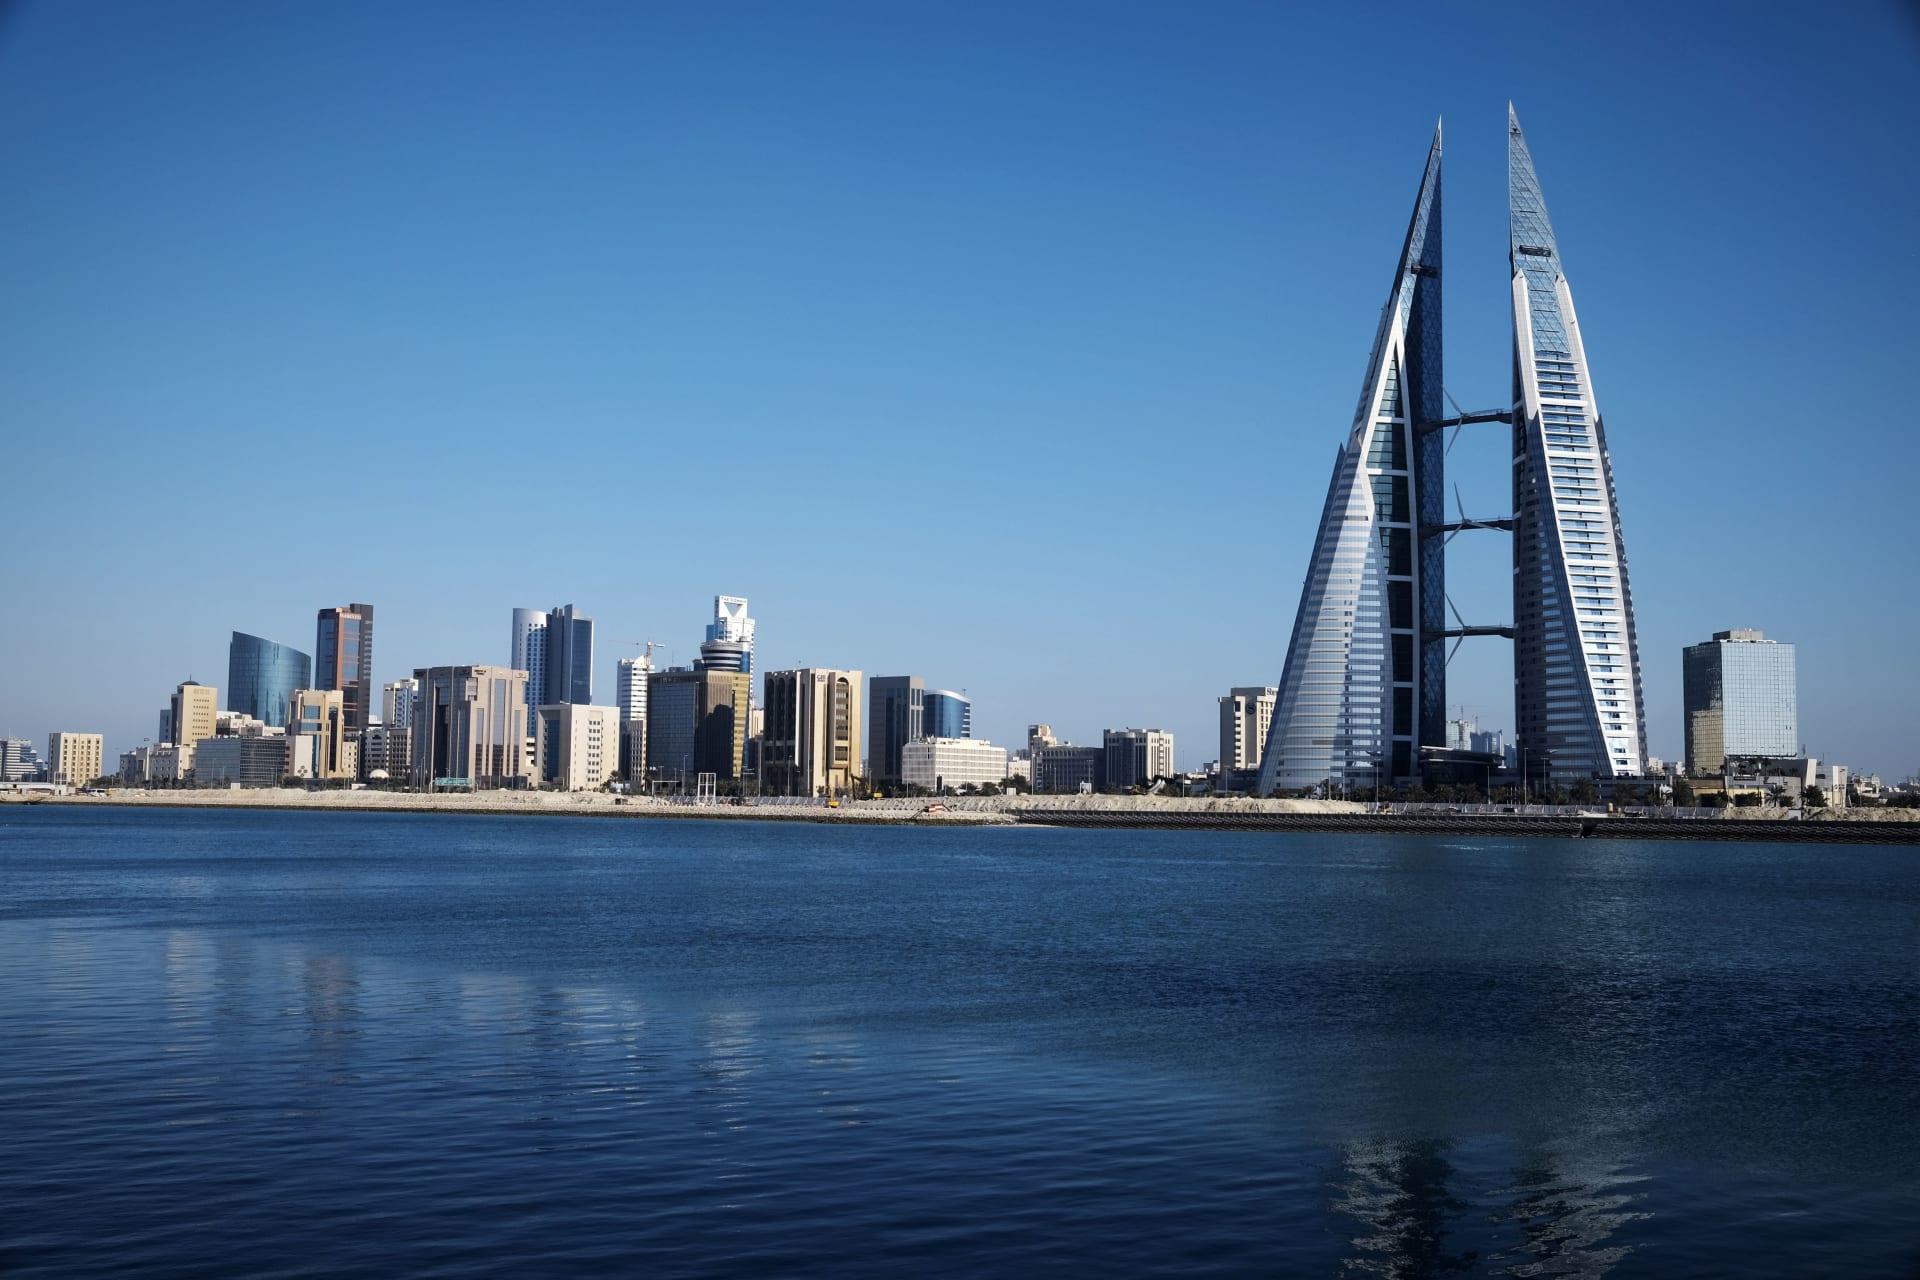 البحرين: خفر السواحل القطري يوقف زورقين بطريقة مخالفة لاتفاقيات مجلس التعاون الخليجي